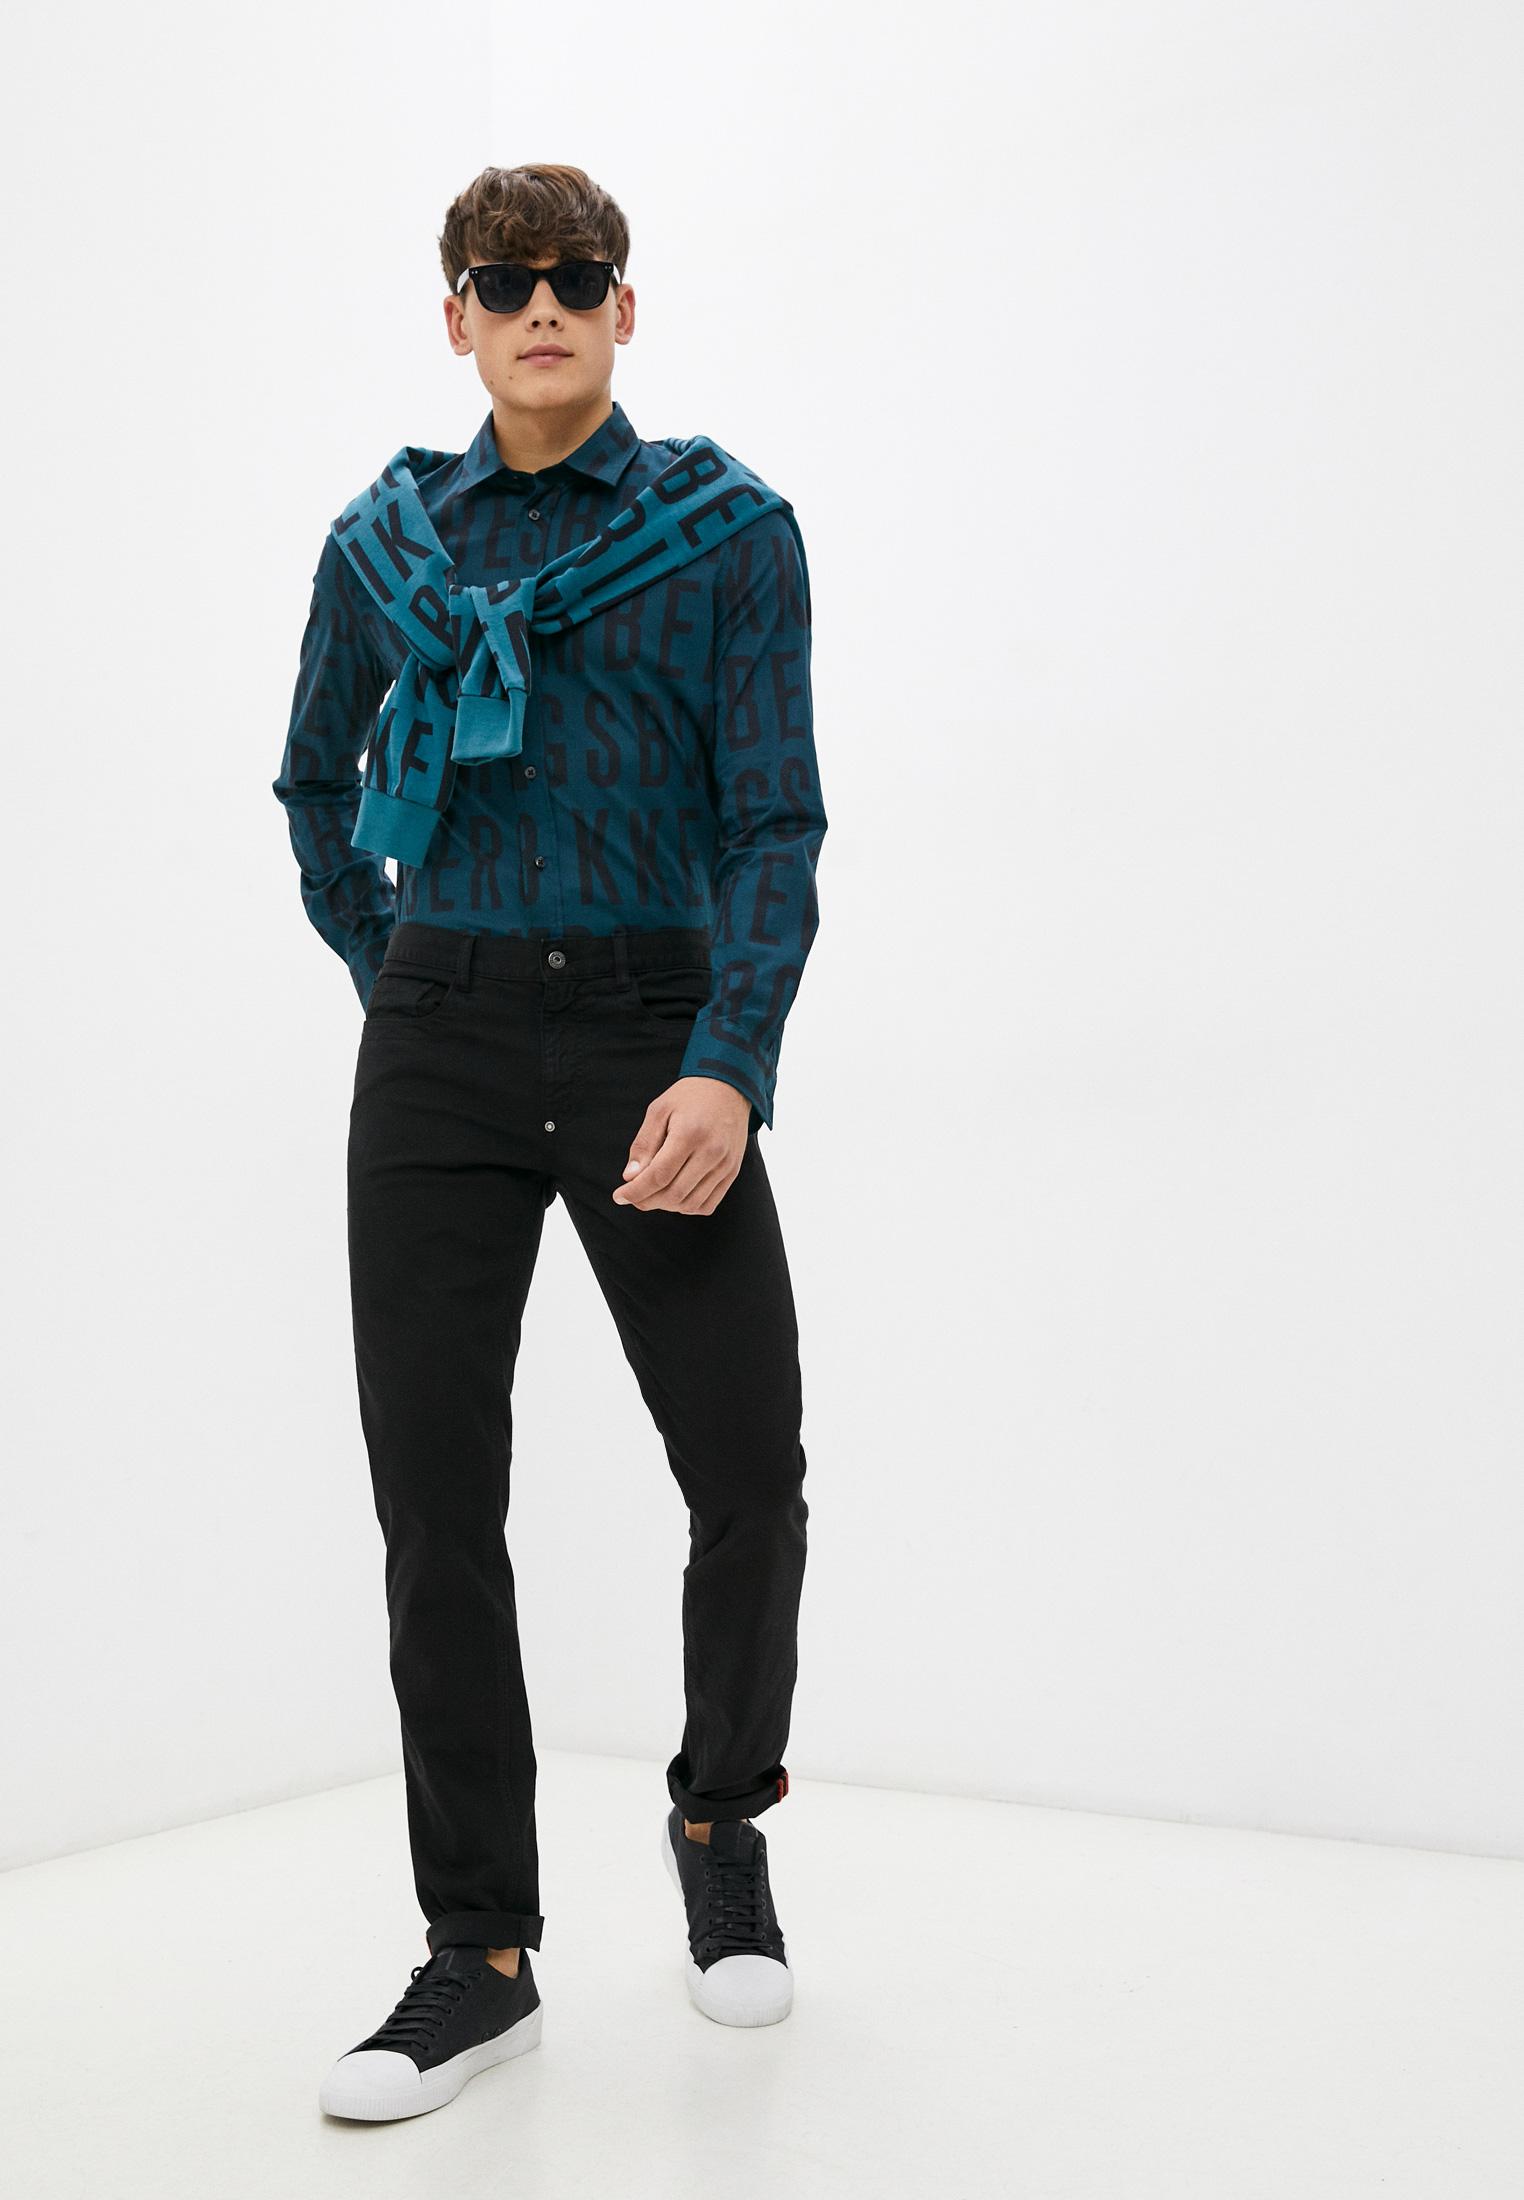 Рубашка с длинным рукавом Bikkembergs (Биккембергс) C C 009 00 S 3354: изображение 3